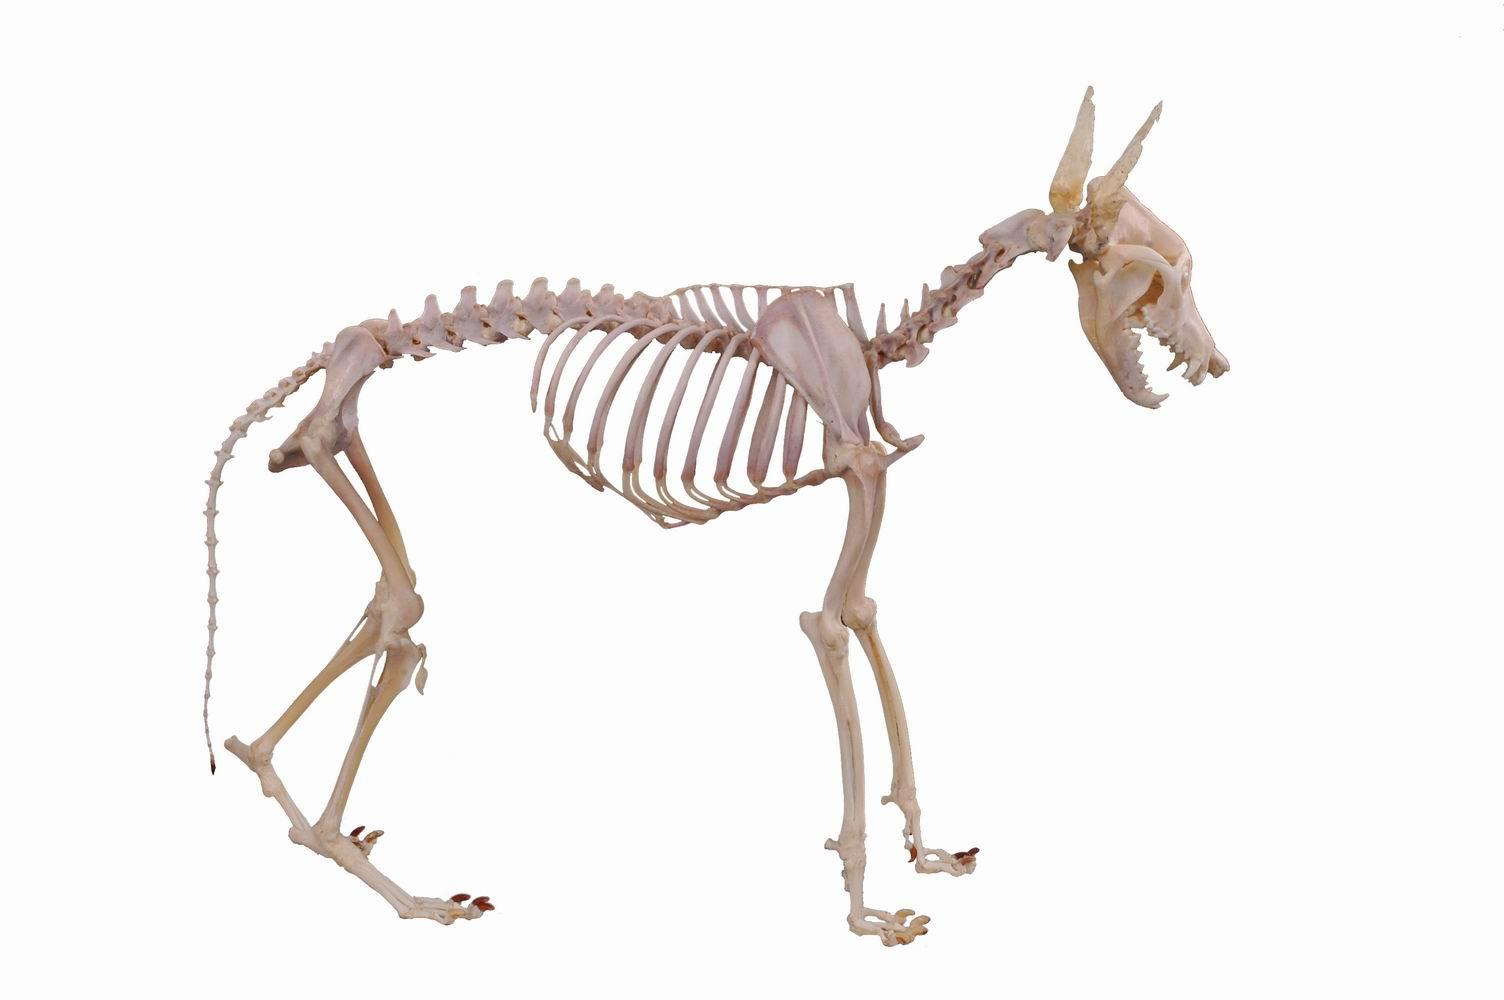 犬骨骼结构图高清